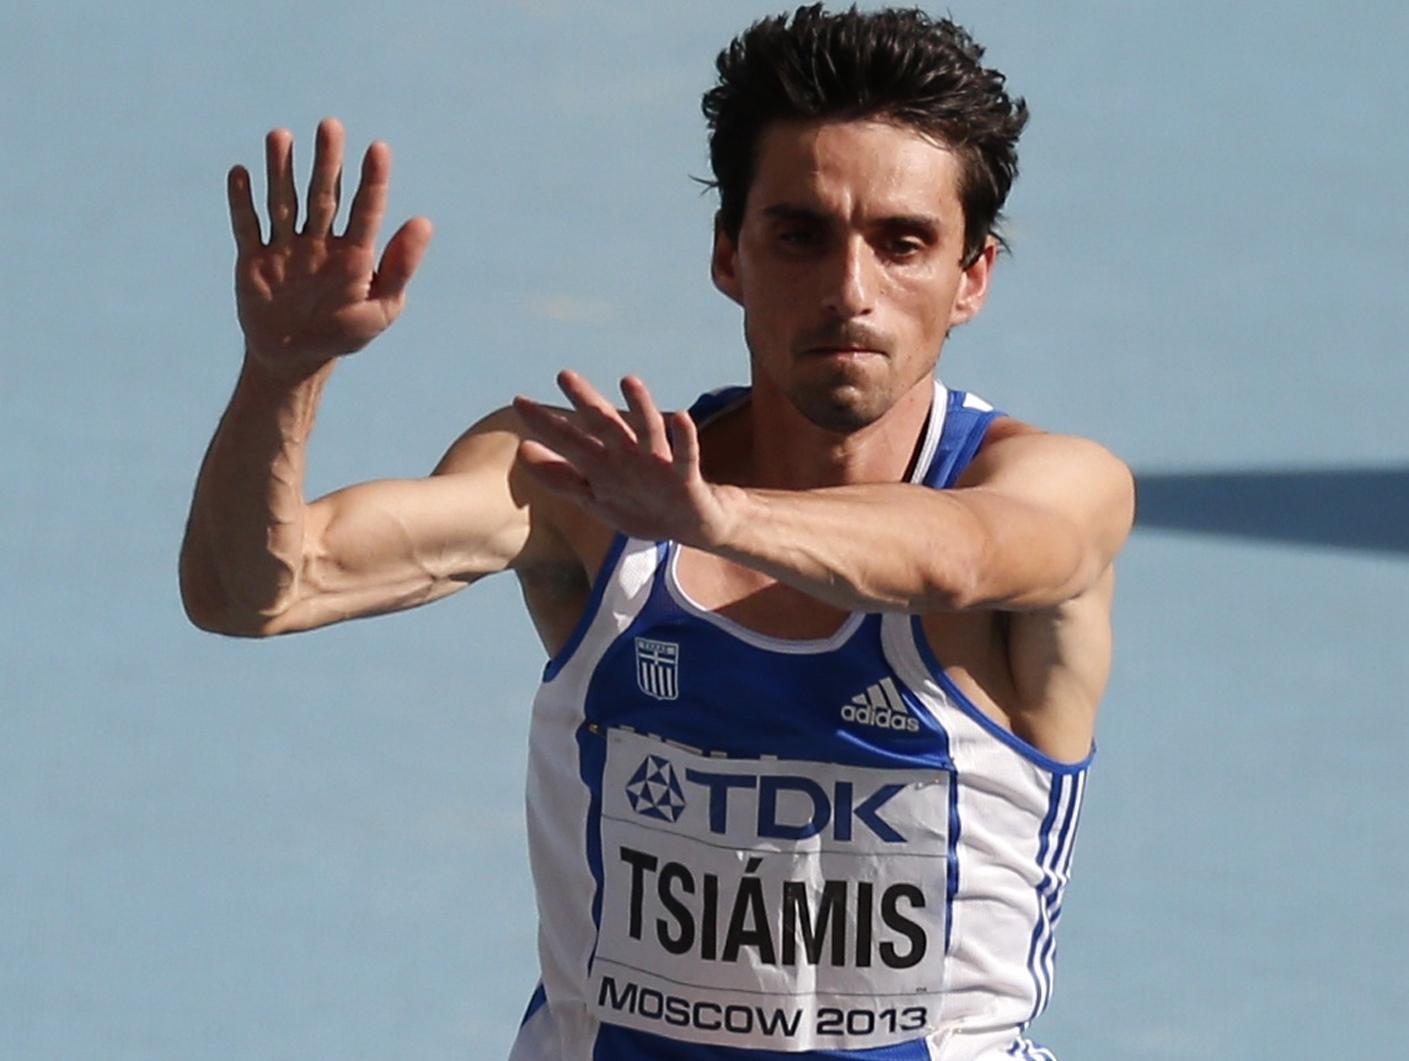 Με την δέκατη θέση του Τσιάμη έκλεισαν οι ελληνικές συμμετοχές στο παγκόσμιο πρωτάθλημα στίβου της Μόσχας ΦΩΤΟ REUTERS.